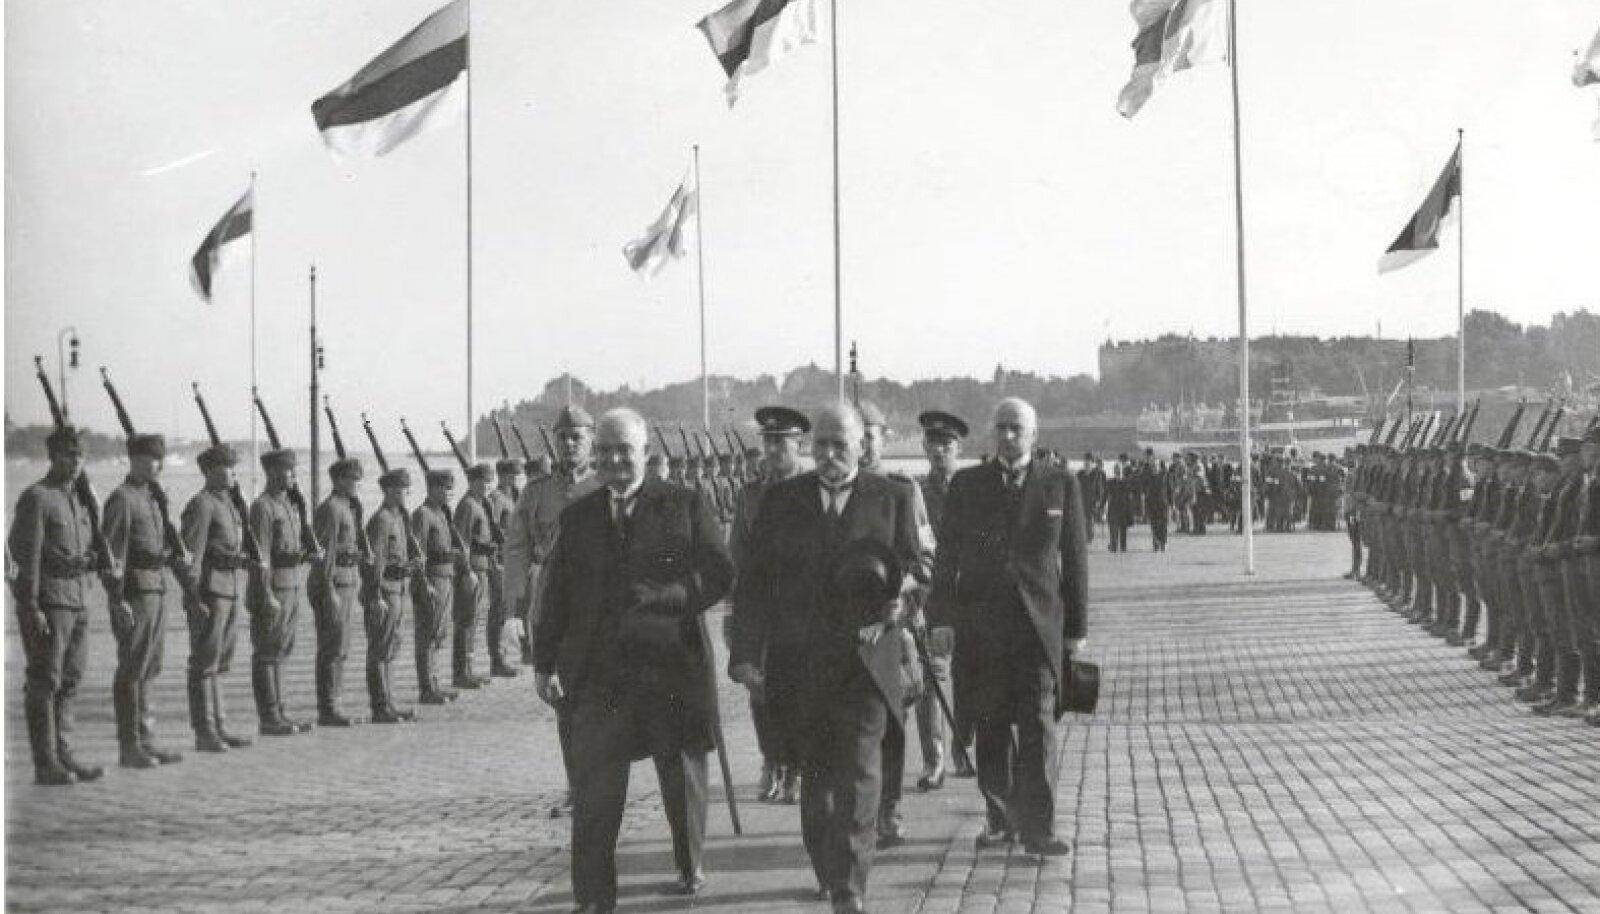 August 1937. Riigivanem Konstantin Päts ja Soome president Kyösti Kallio mööduvad auvahtkonnast Helsingi sadamas.Vabadussõja ajal aastatel 1918–1920 arendas Päts oma kauaaegset meelisideed unioonist koos Soomega. Riigipeade iga-aastased kohtumised algasid 1931. aastal, kui riigivanem Päts tegi visiidi Soome. Muuseas arutasid riigijuhid salajasi plaane maade sõjalisest koostööst ja Soome lahe sulgemisest.